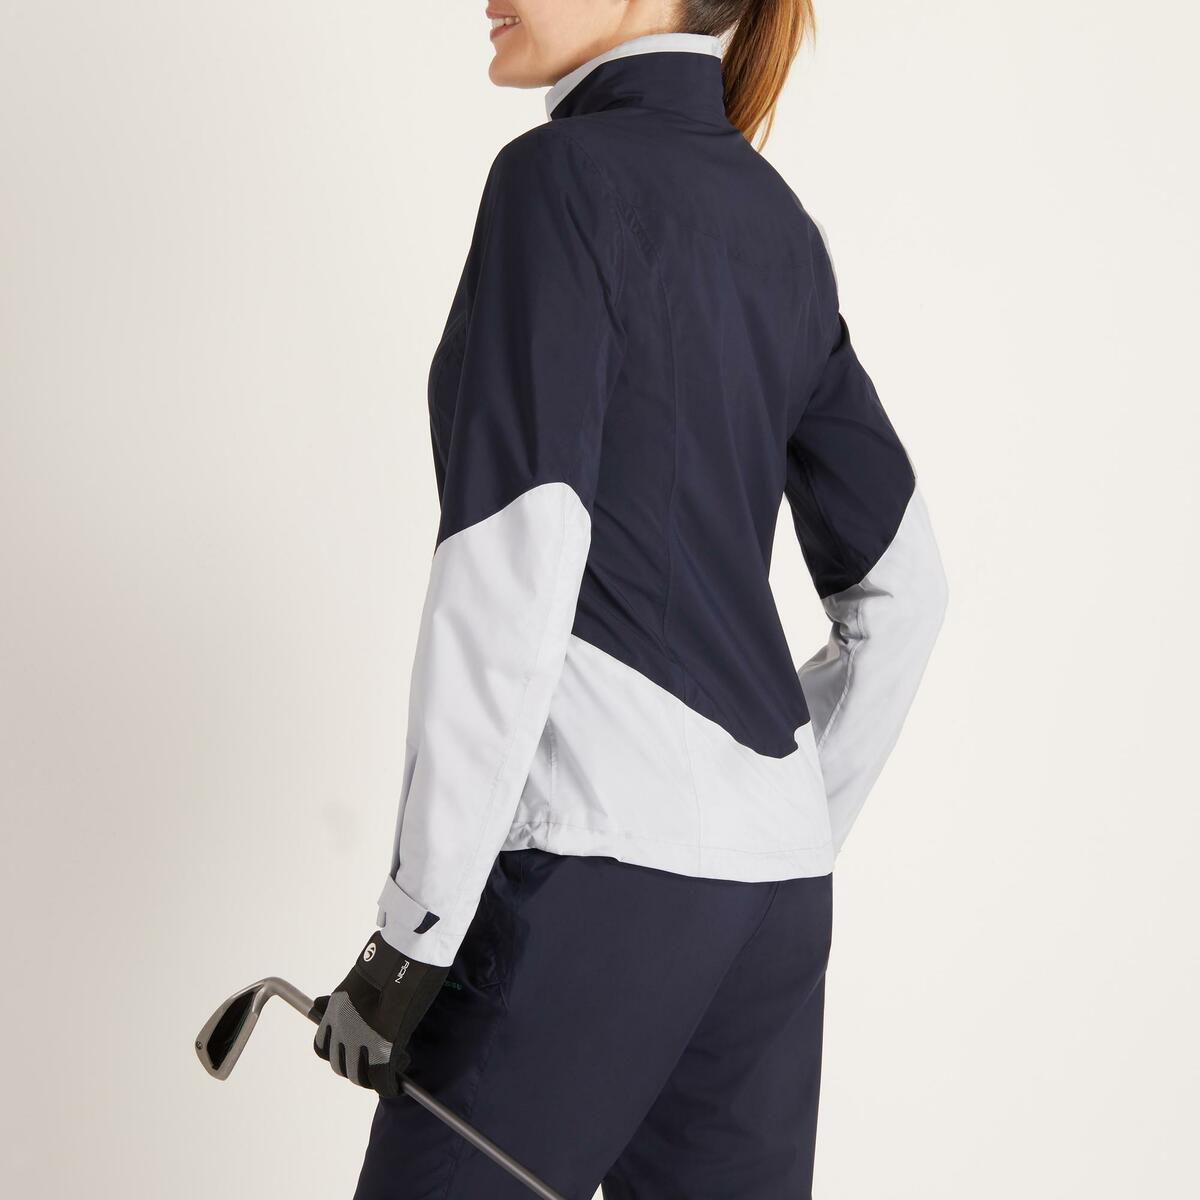 Bild 5 von Golf Regenjacke 900 Damen marineblau/grau wasserdicht